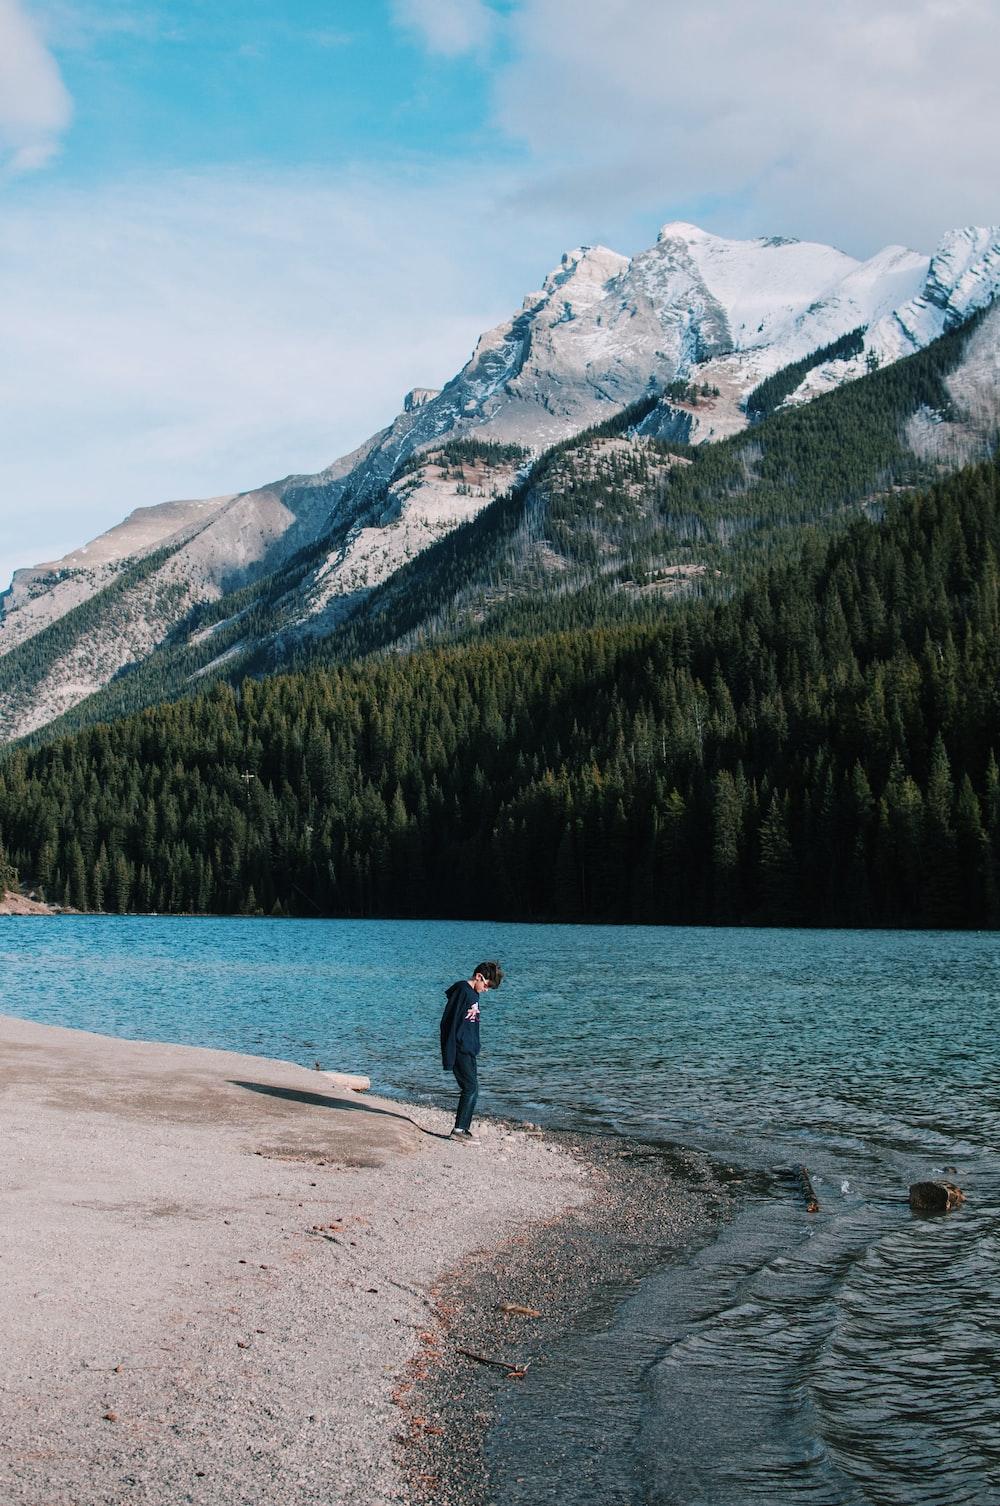 boy standing in seashore beside body of water